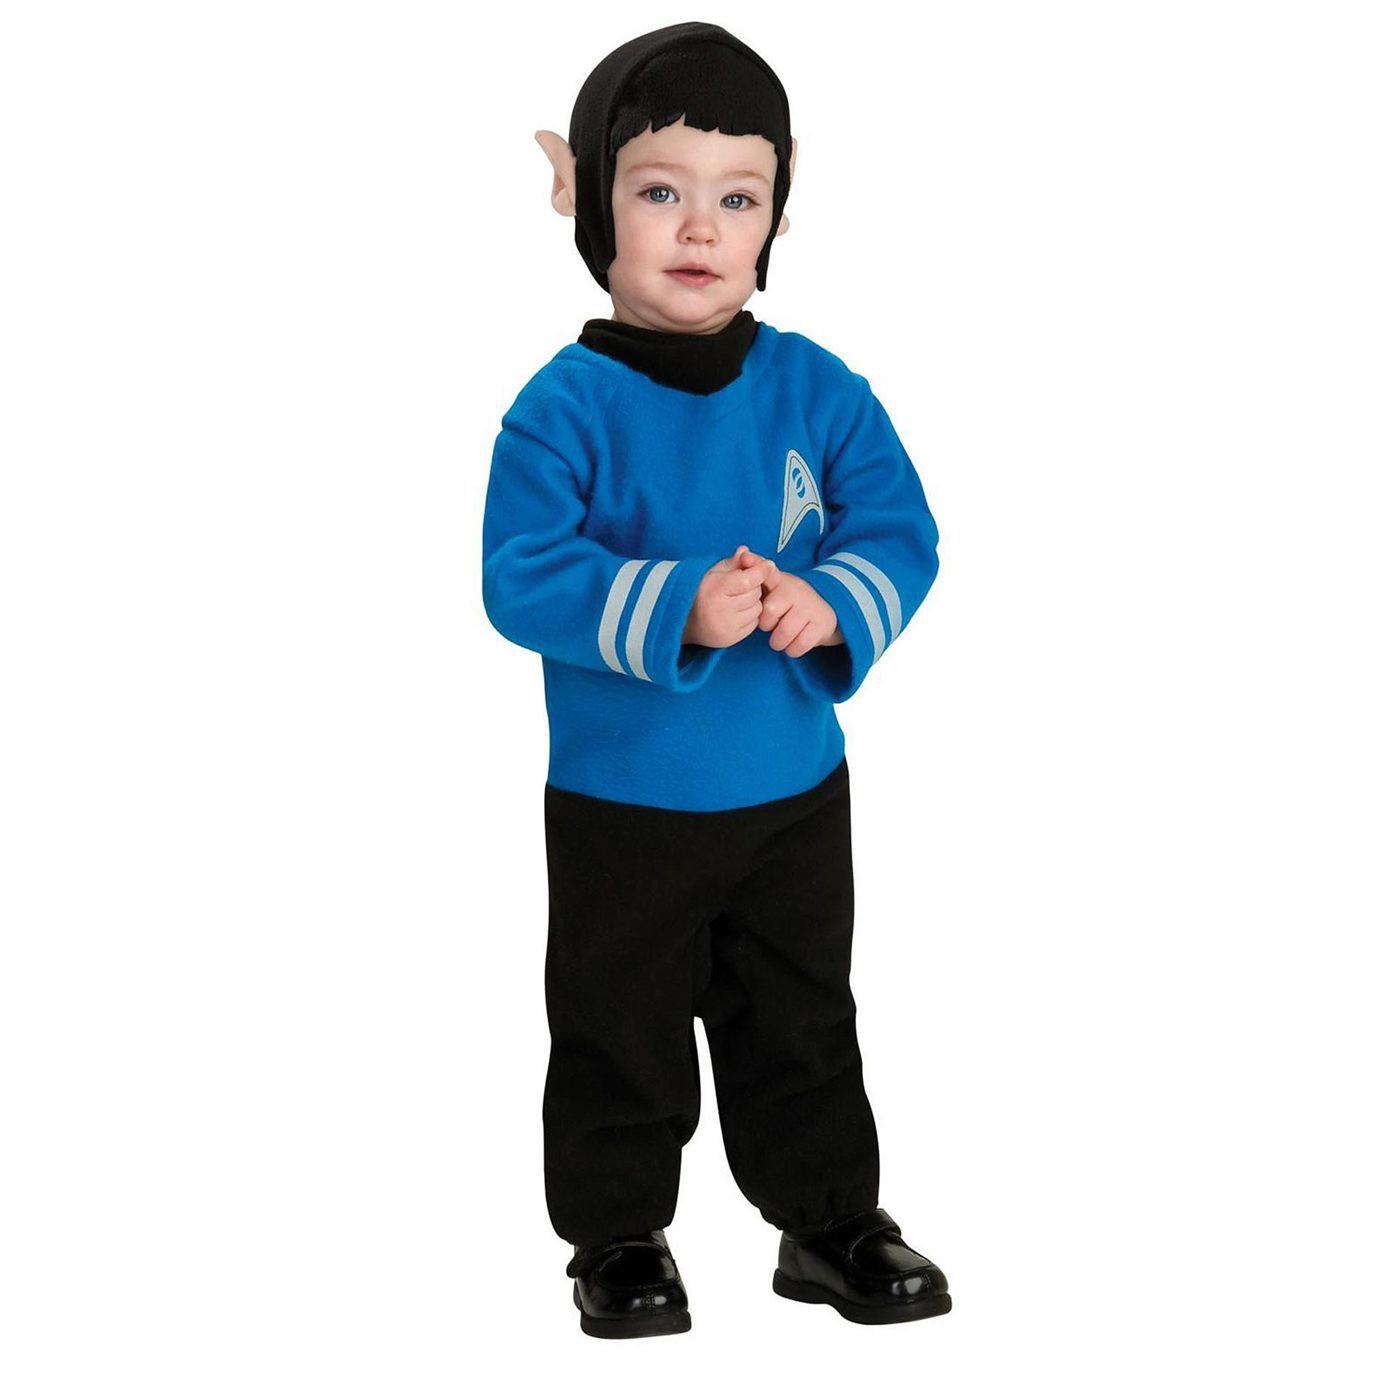 Star Trek Spock Infant Costume Romper